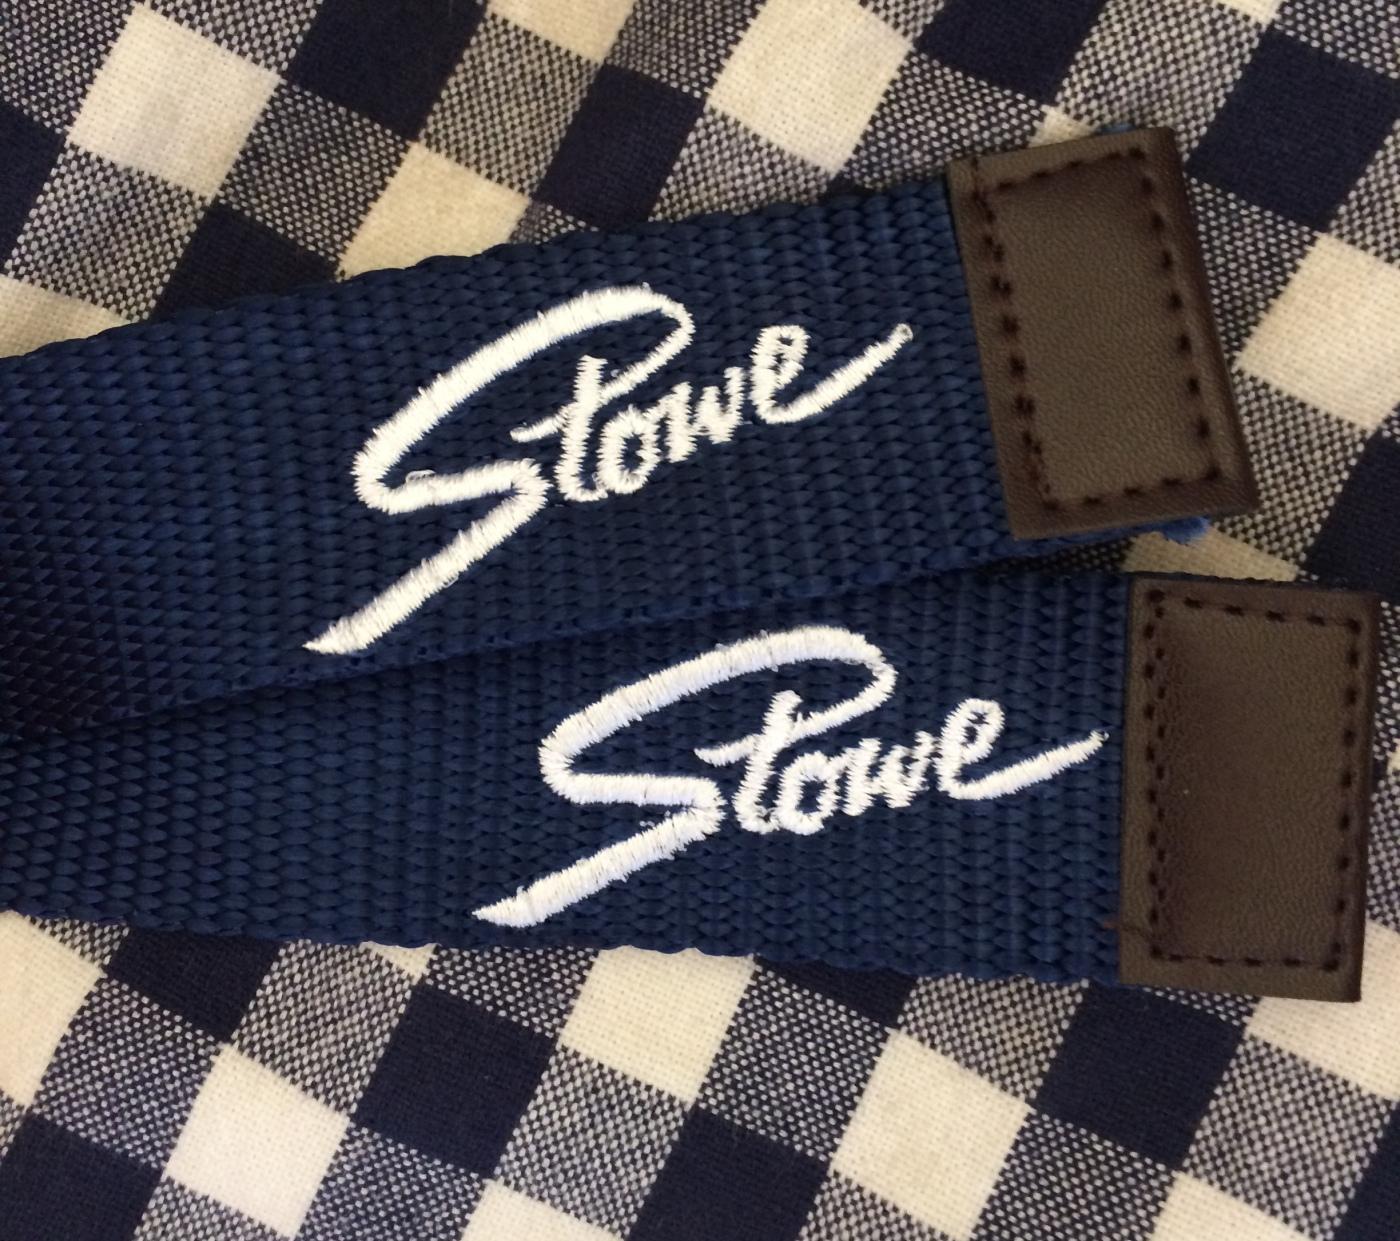 Stowe Belts 2